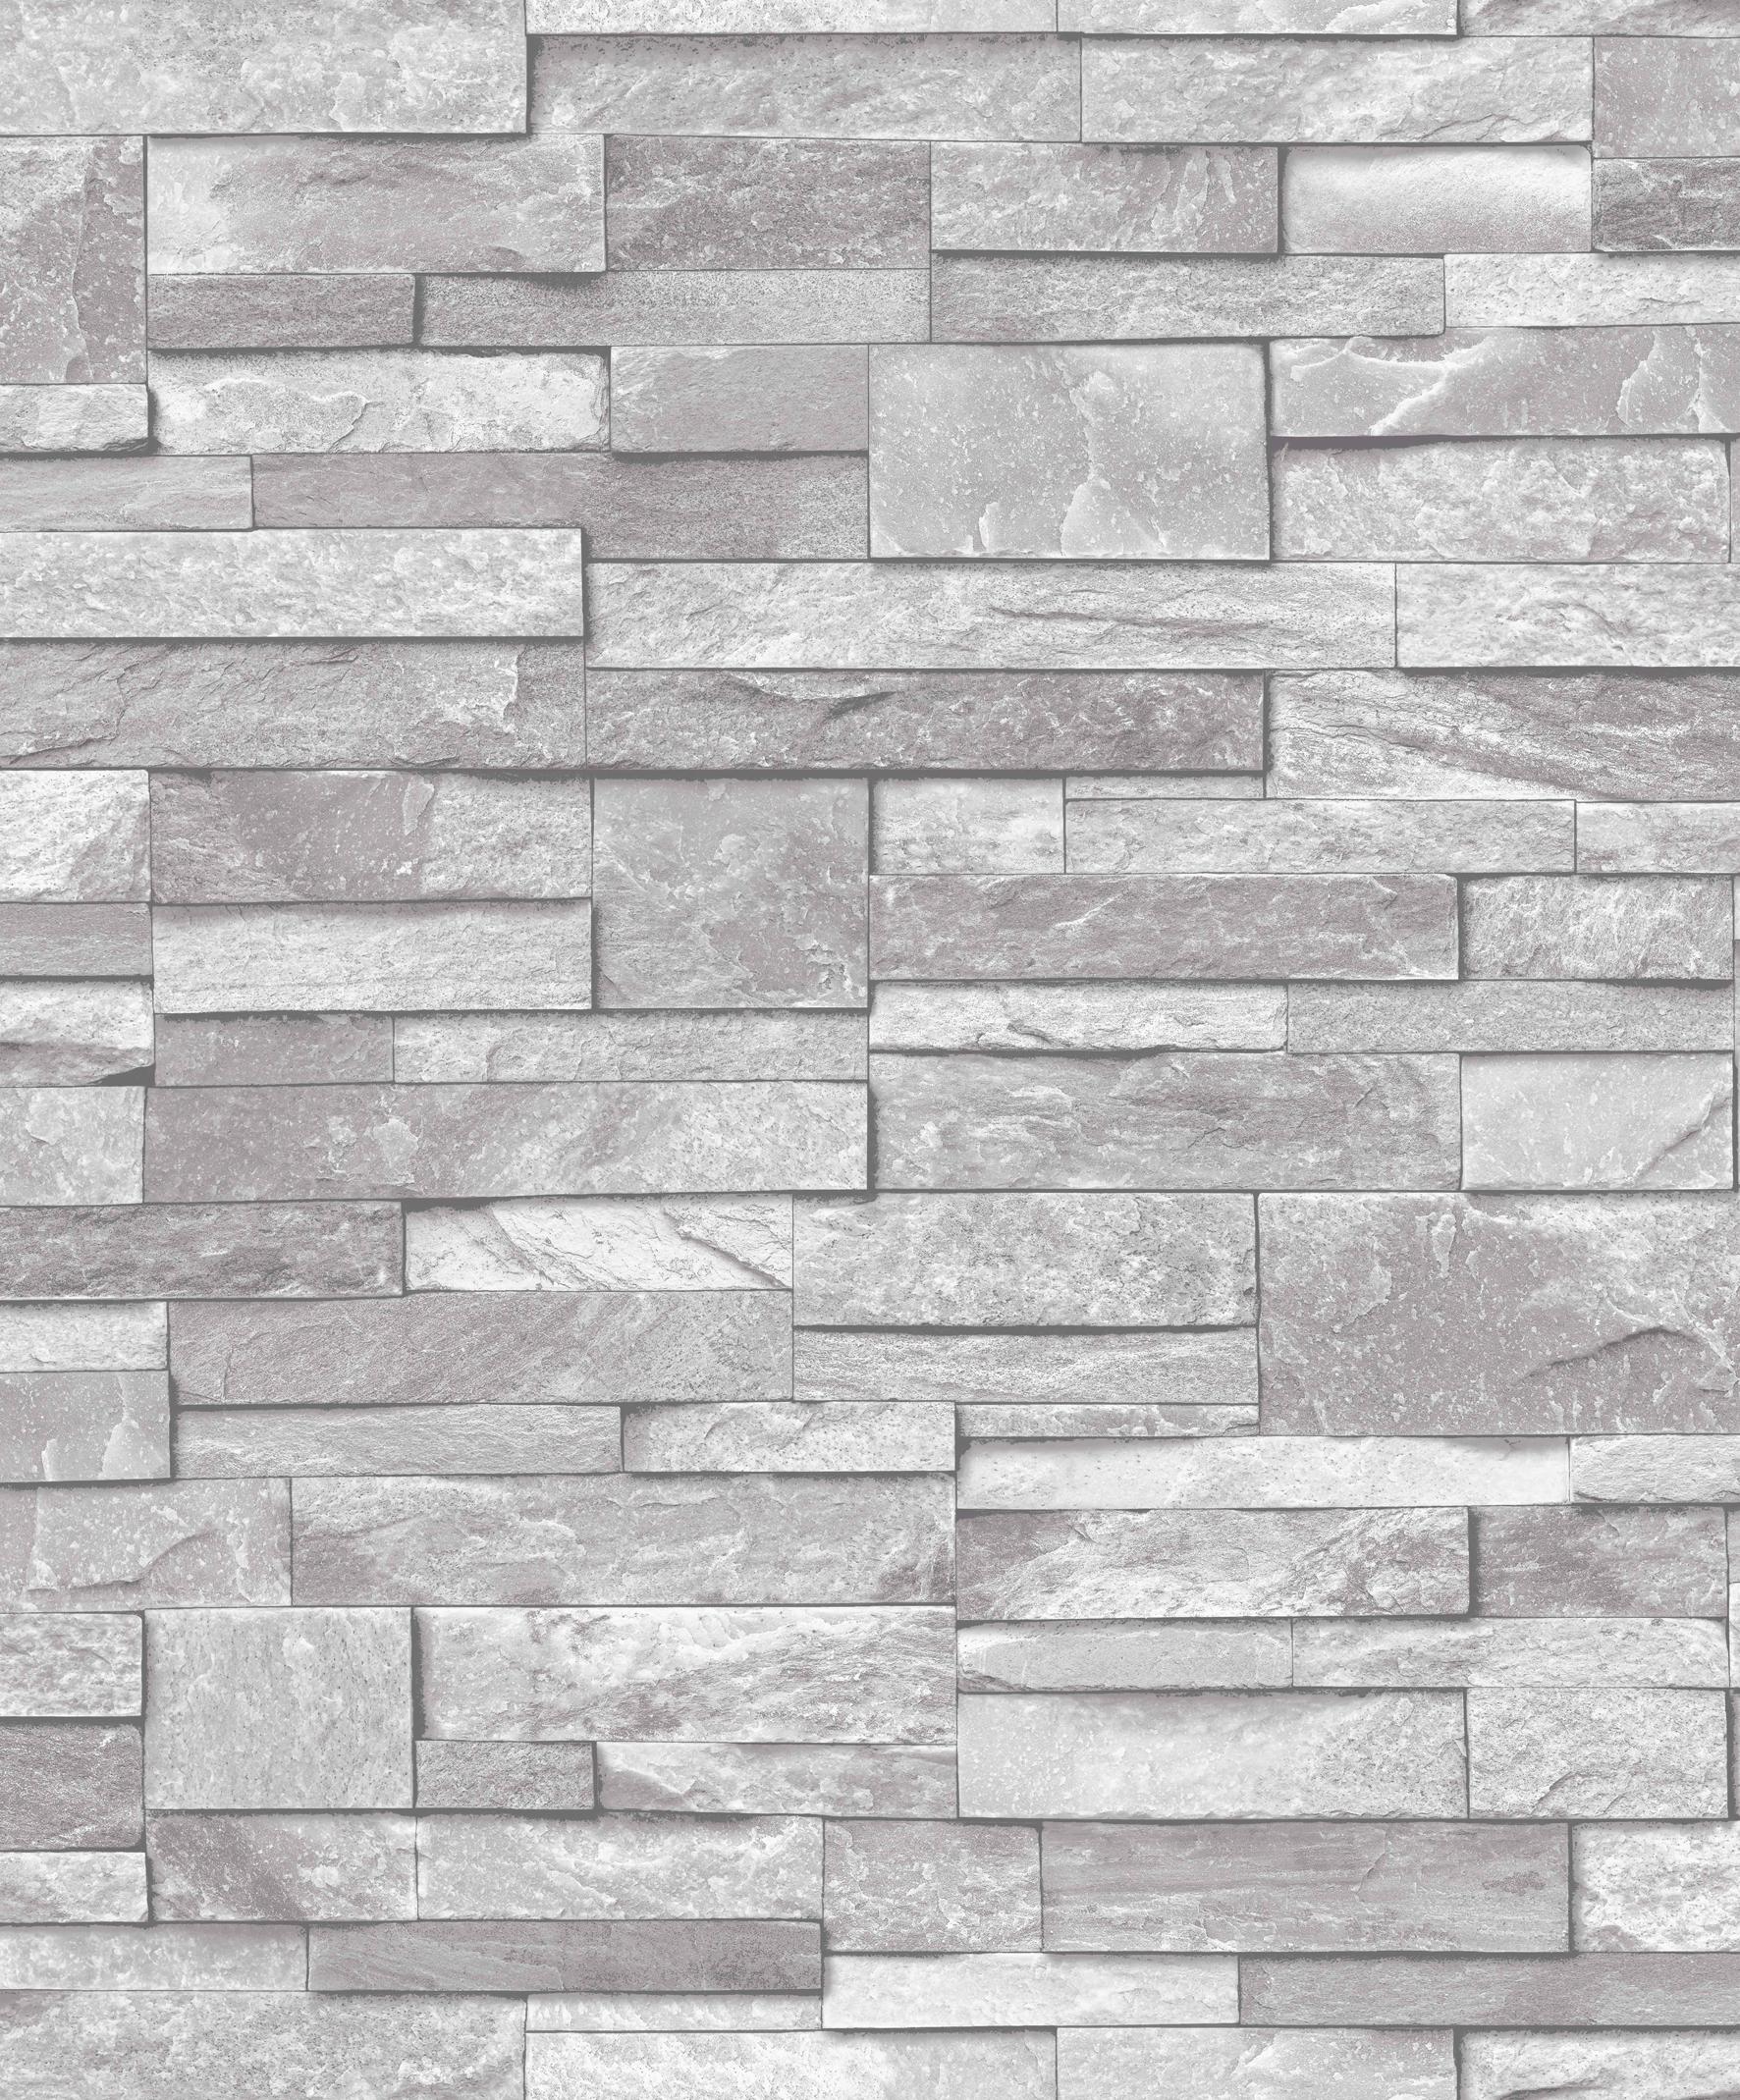 Grandeco ideco home stone vinyl wallpaper a17202 light for Gray vinyl wallpaper